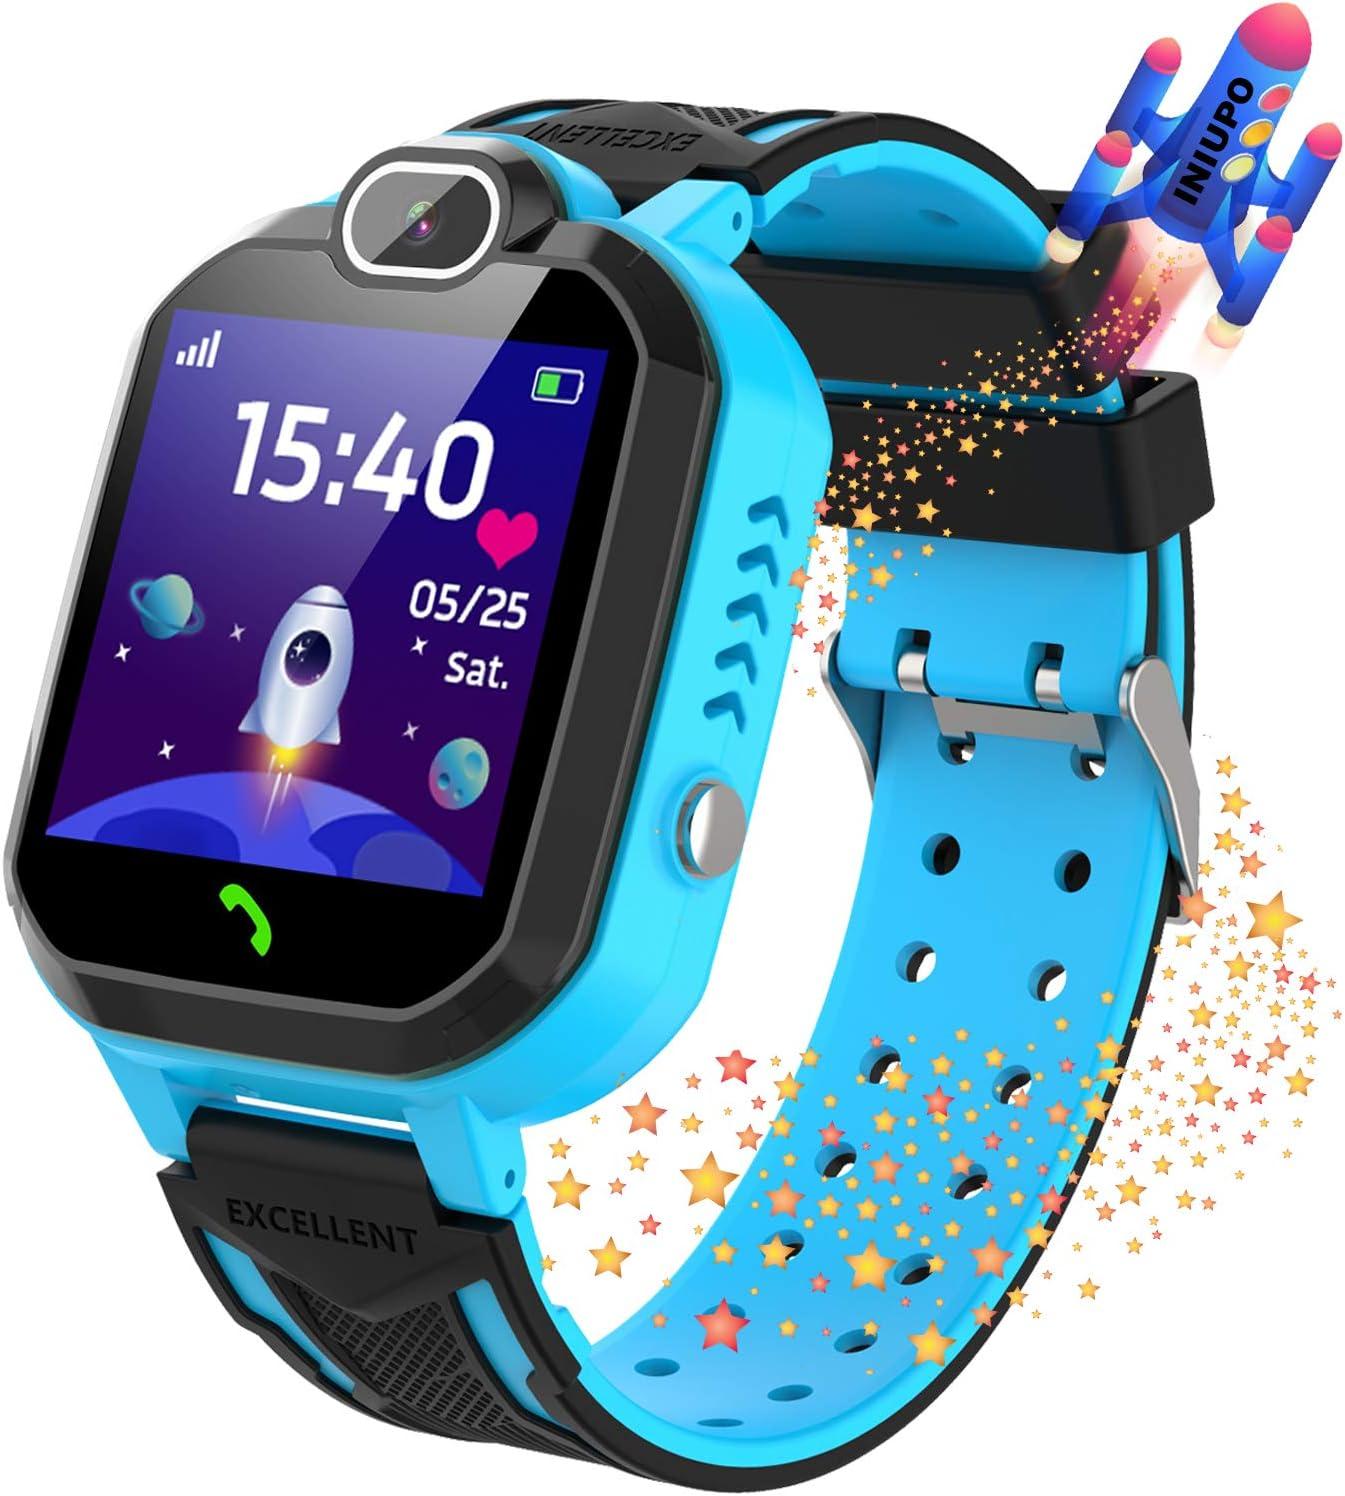 Reloj Inteligente para niños Kids Smartwatch para niños Niñas Juego de teléfono Smart Watch para niños Niños Reproductor de música Cámara Reloj Despertador Regalo de cumpleaños (Azul)